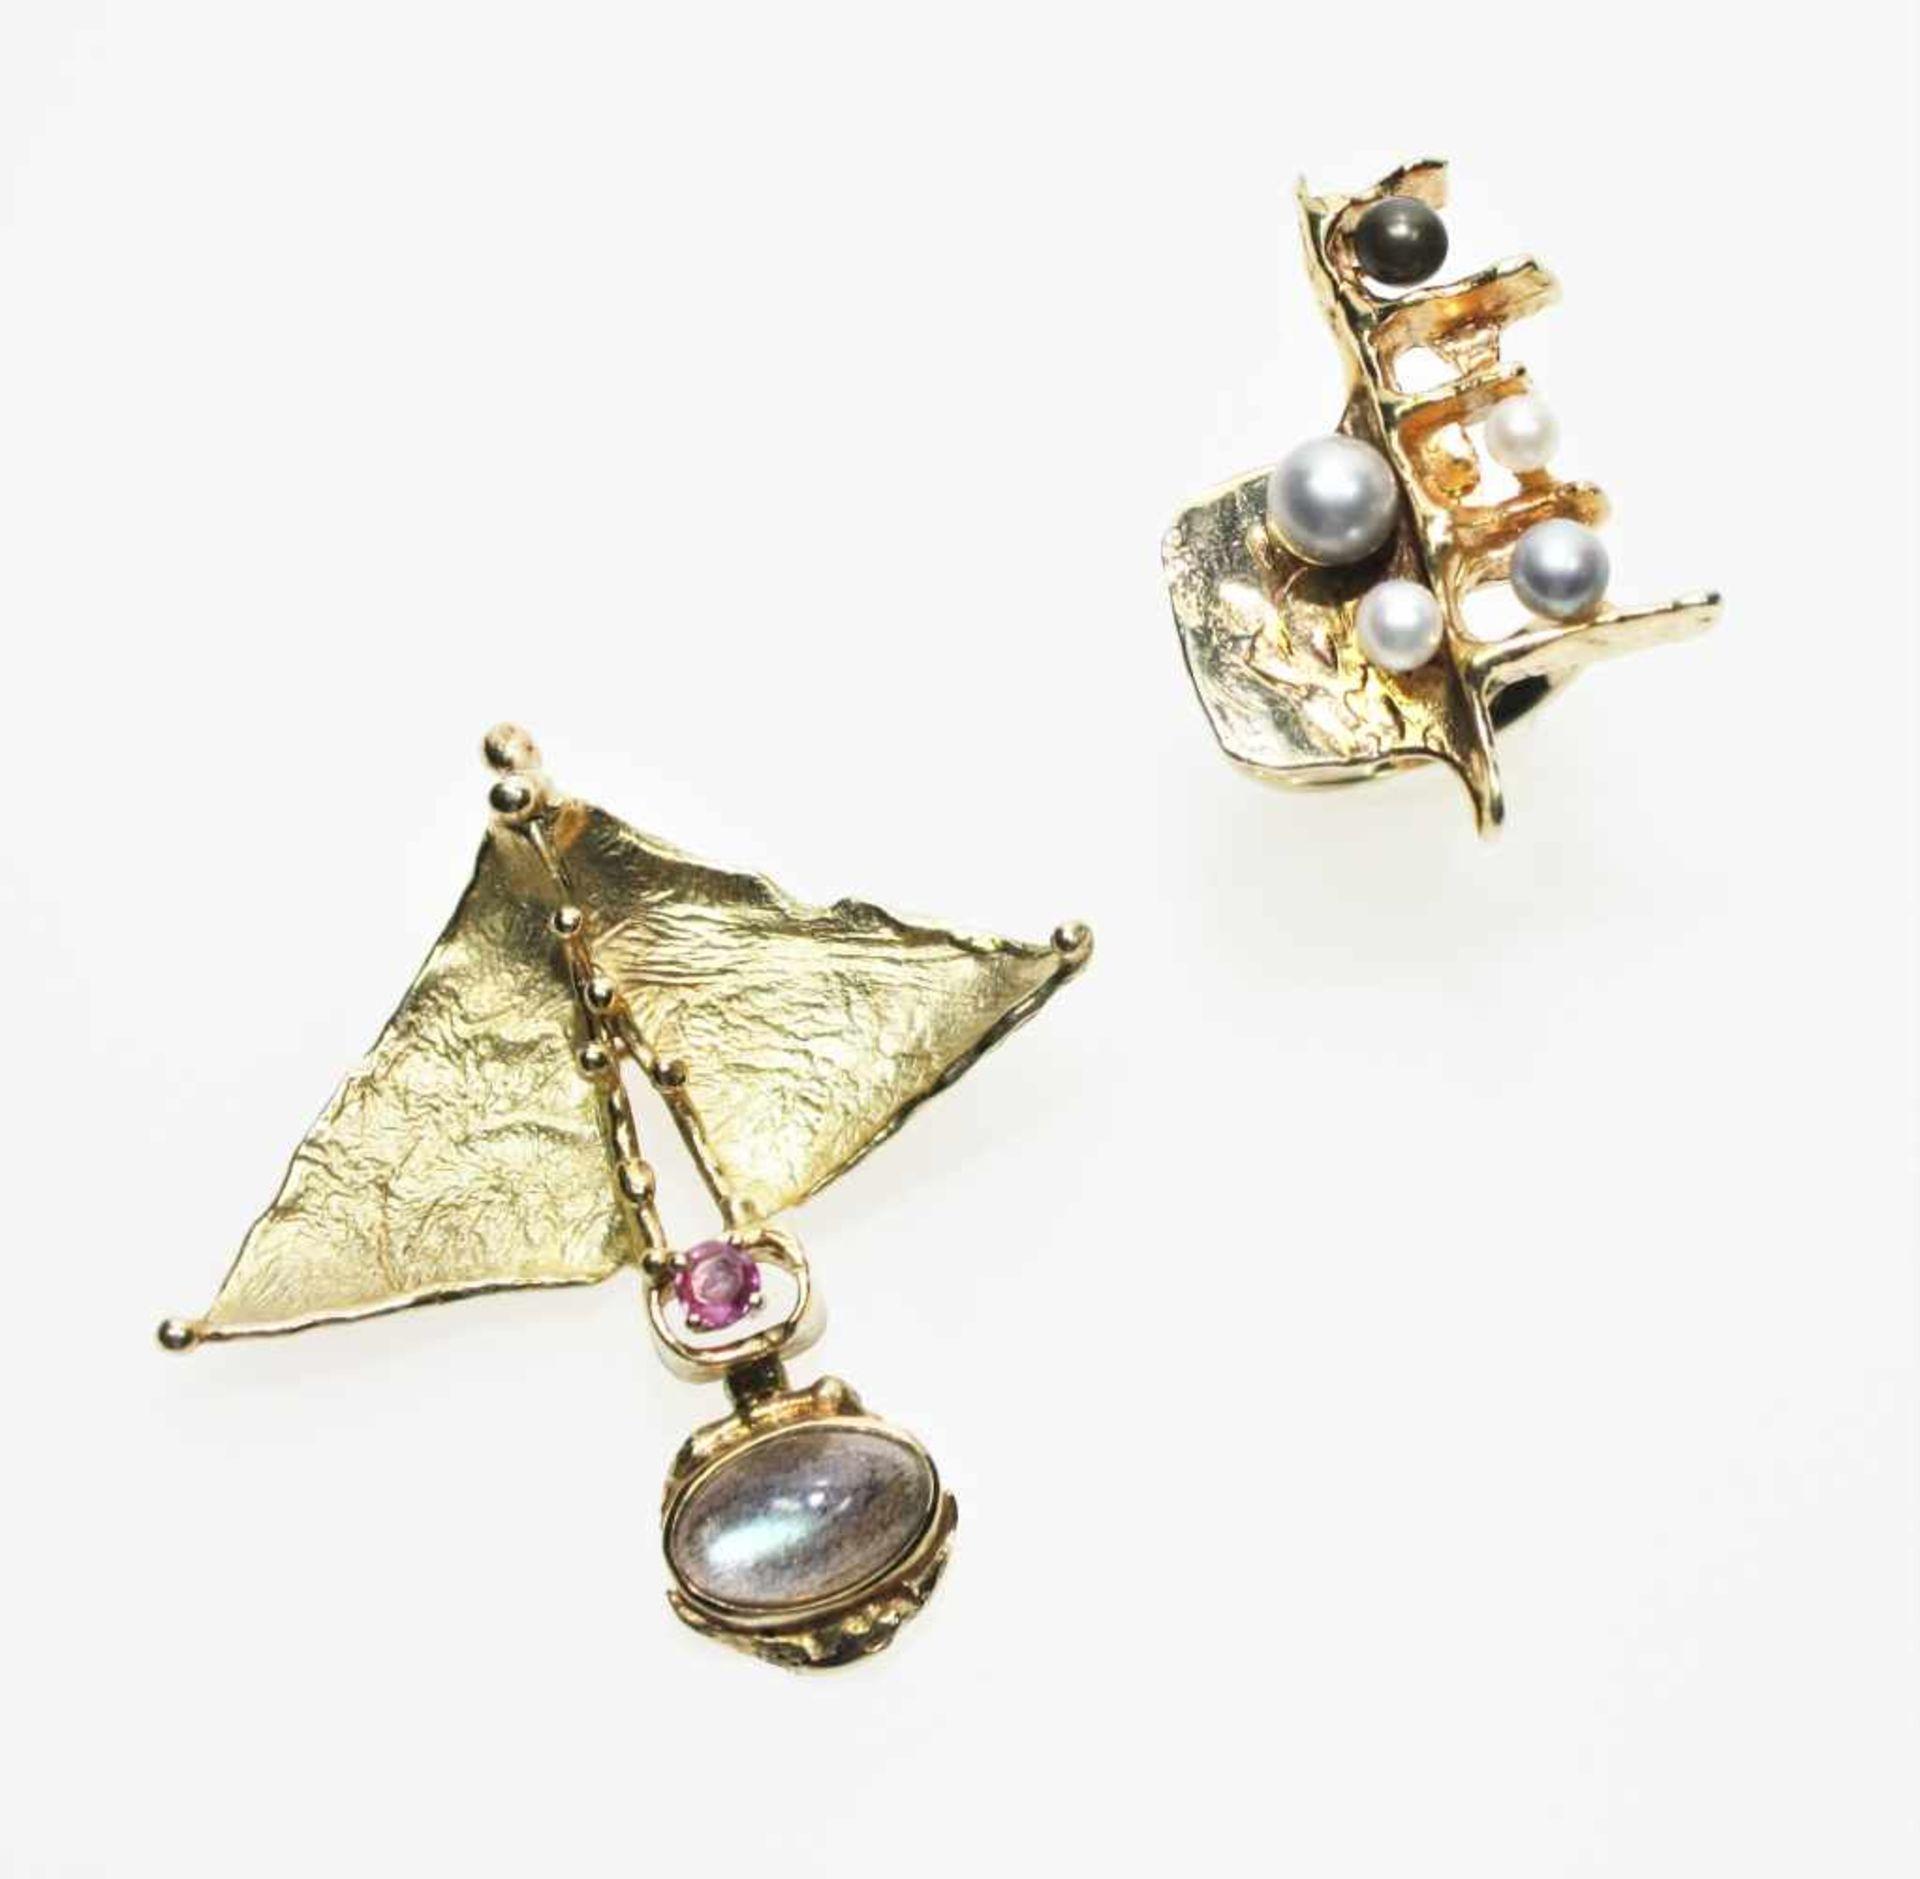 Los 26 - Modernes, goldenes Konvolut:Ein handgearbeiteter Broschanhänger ca. 750/f mit einem kleinen Rubin